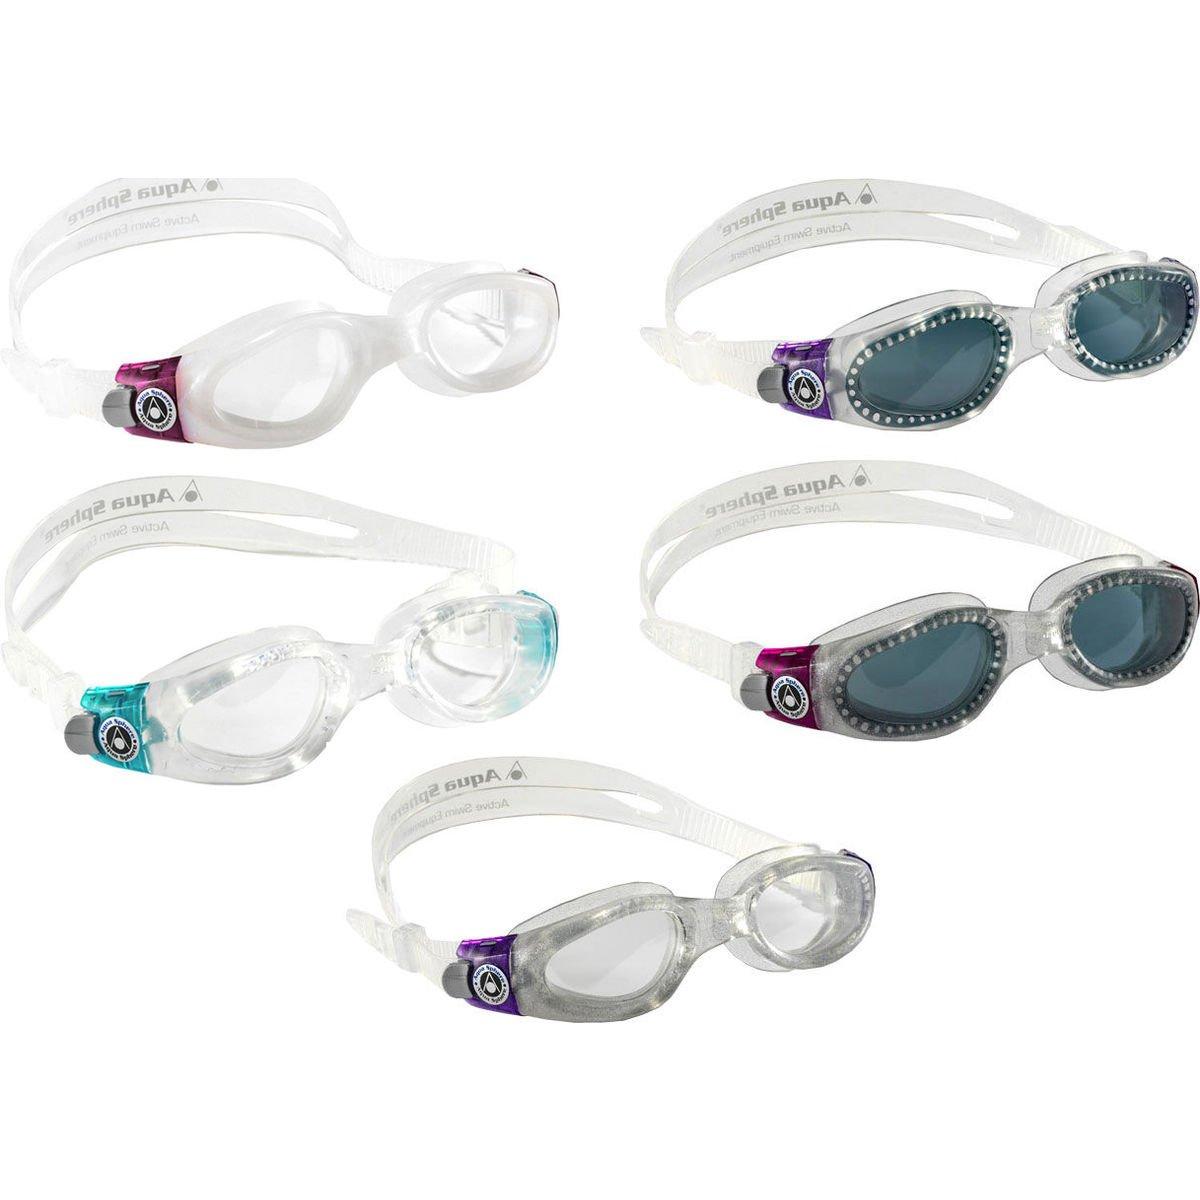 9cf8efde40115 Óculos de natação  conheça os diferentes tipos de lentes e suas funções